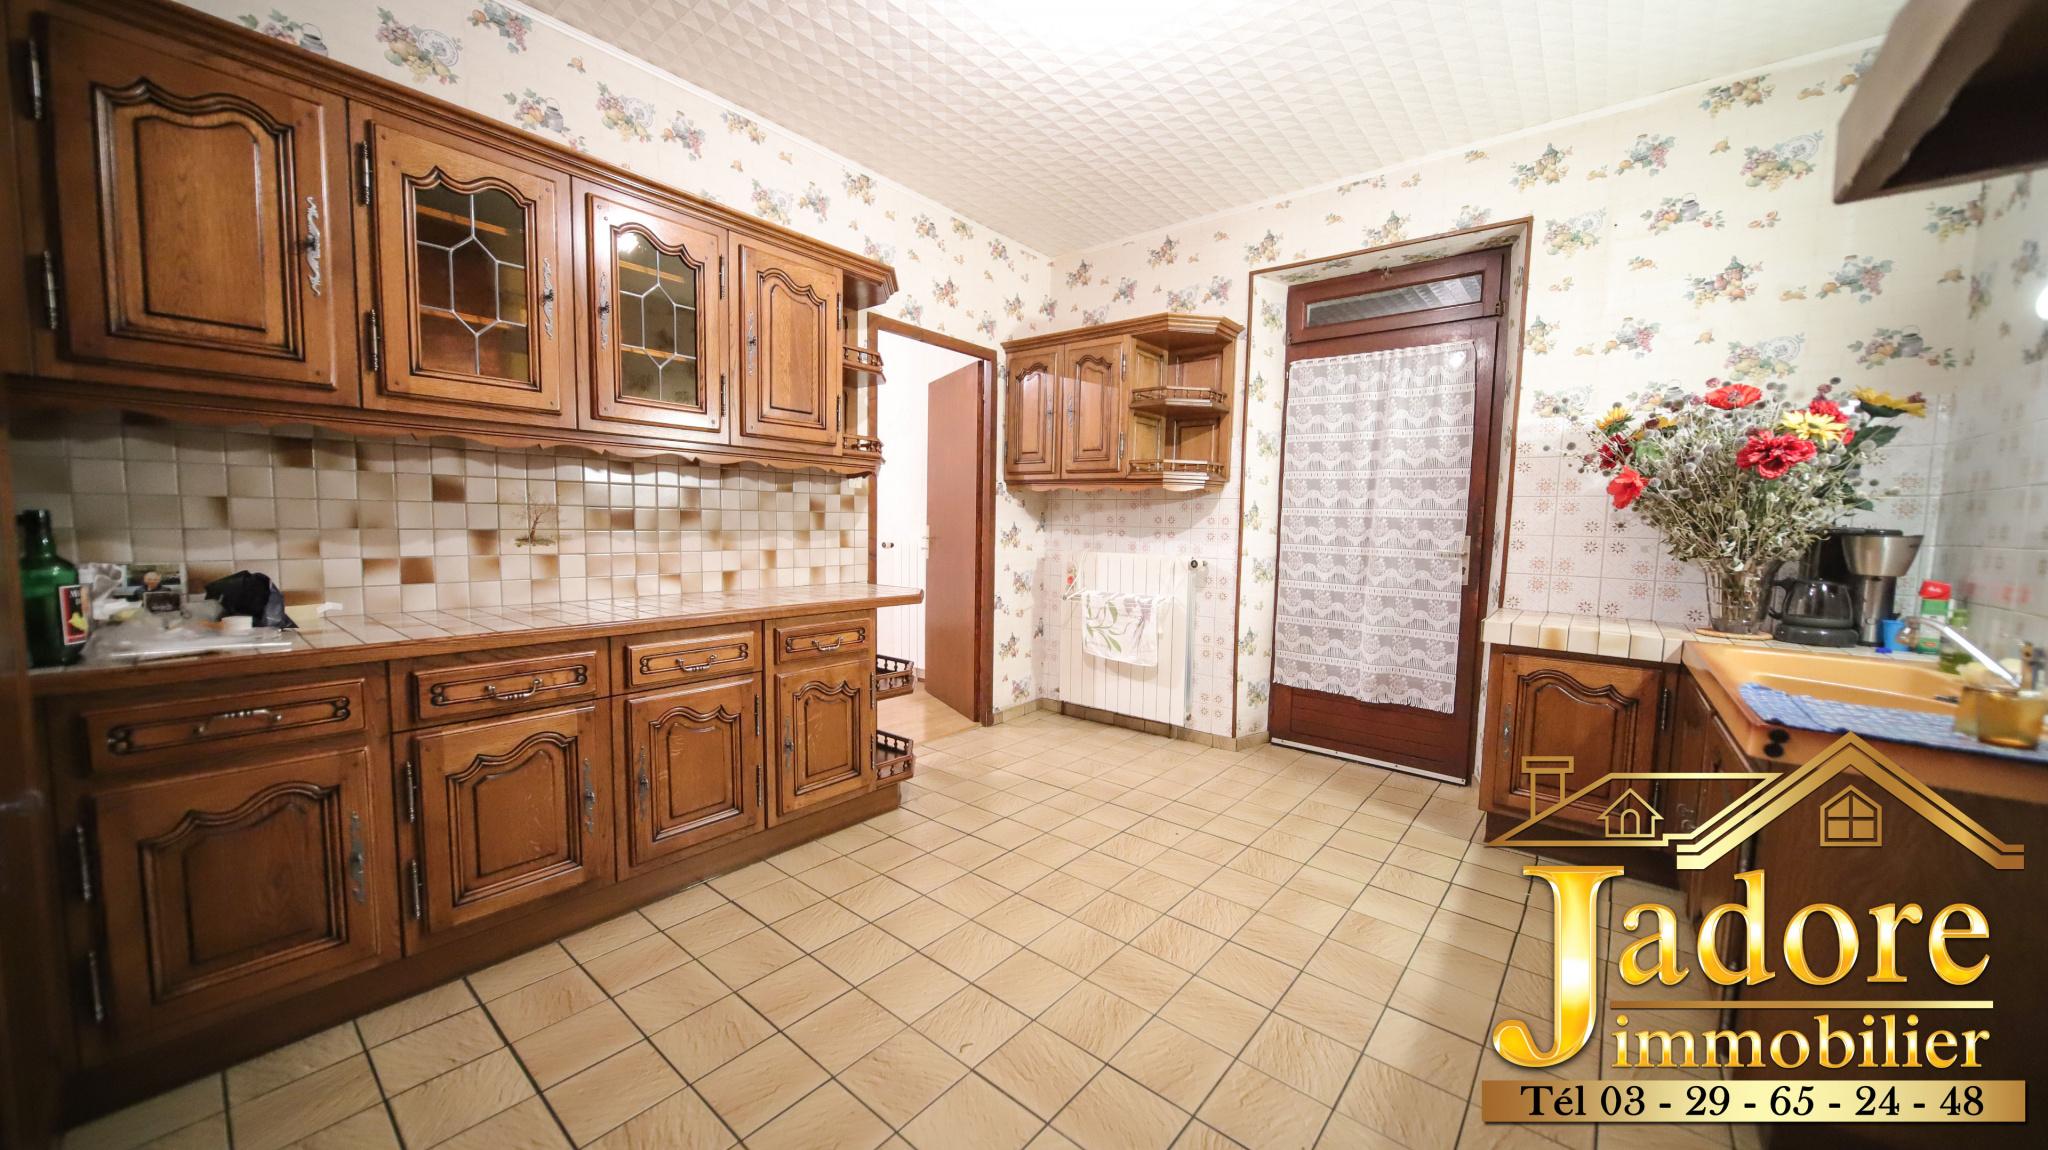 maison/villa à vendre laveline devant bruyeres